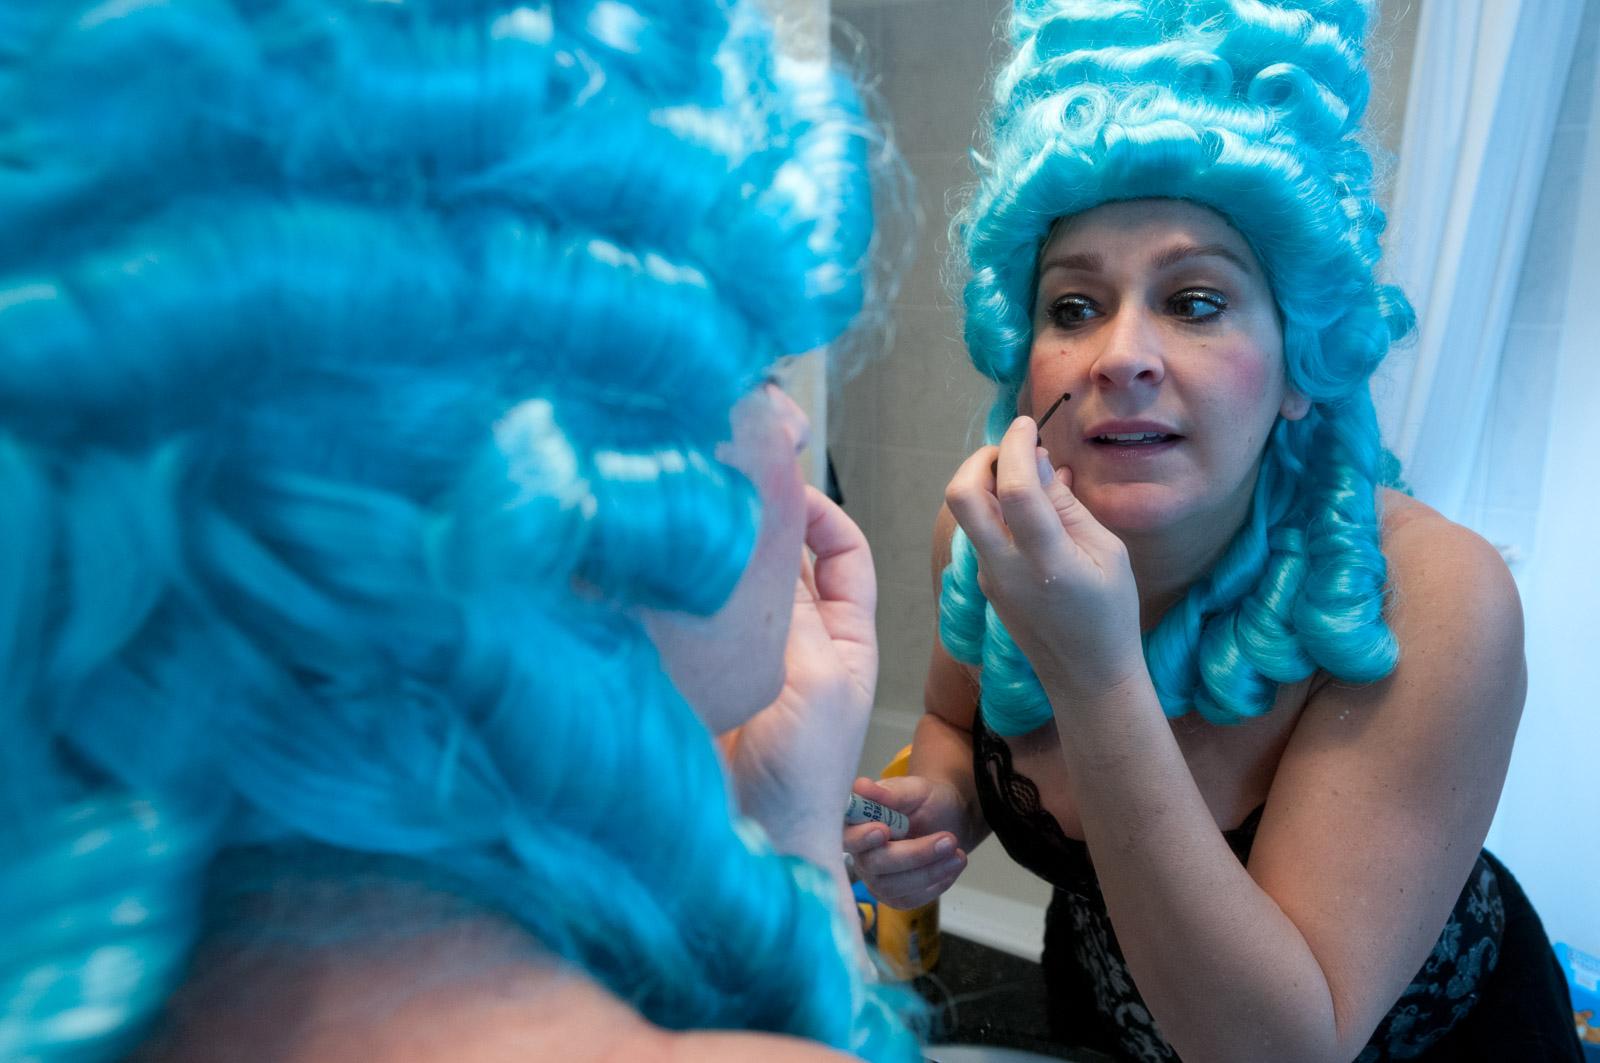 2011_0226_Camille_MarieAntoinette_Preparing_013.jpg